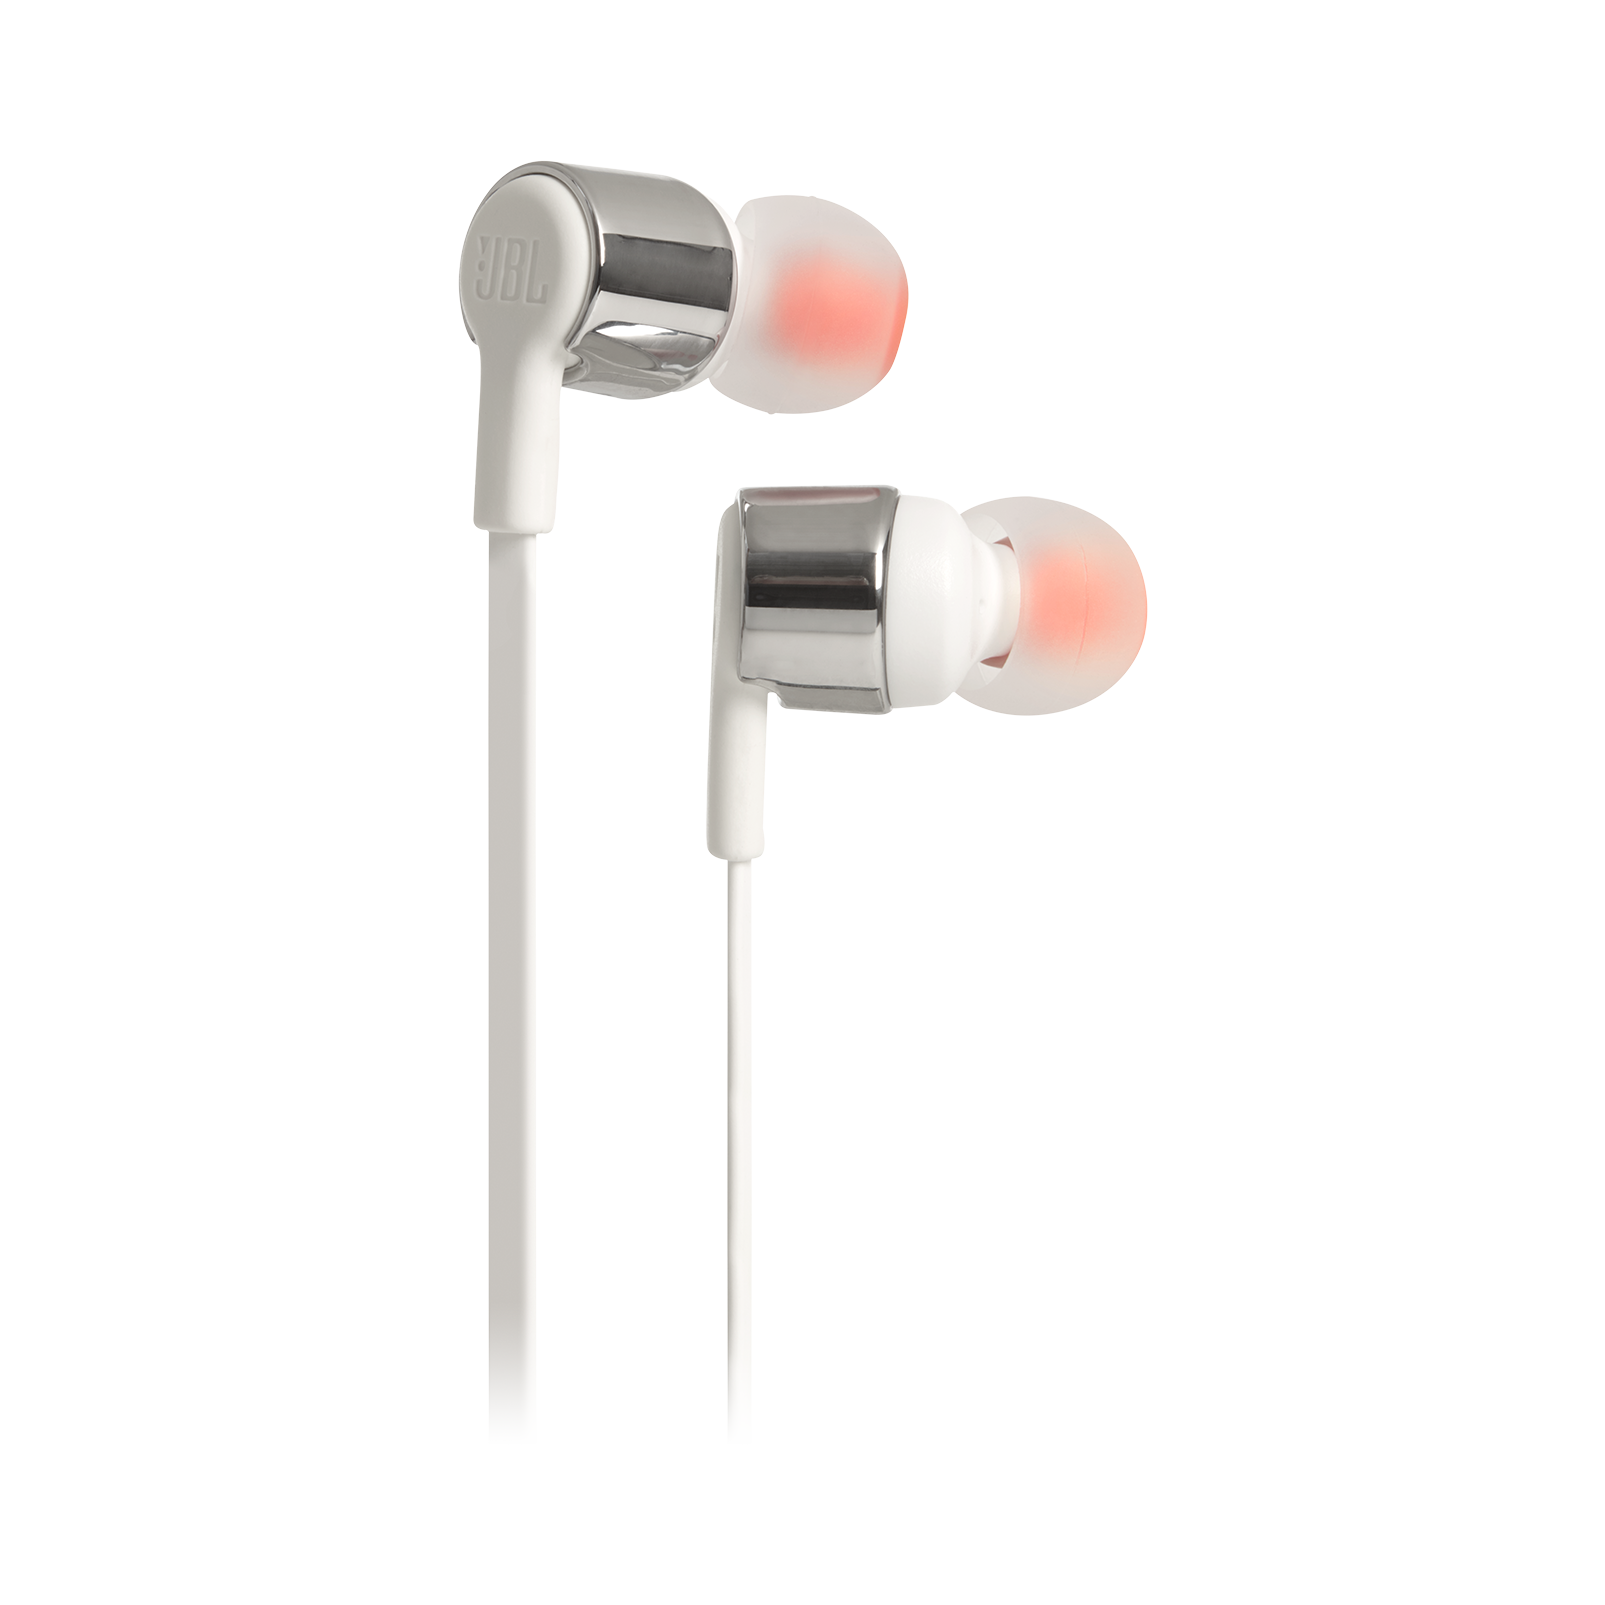 JBL TUNE 210 - Grey - In-ear headphones - Hero